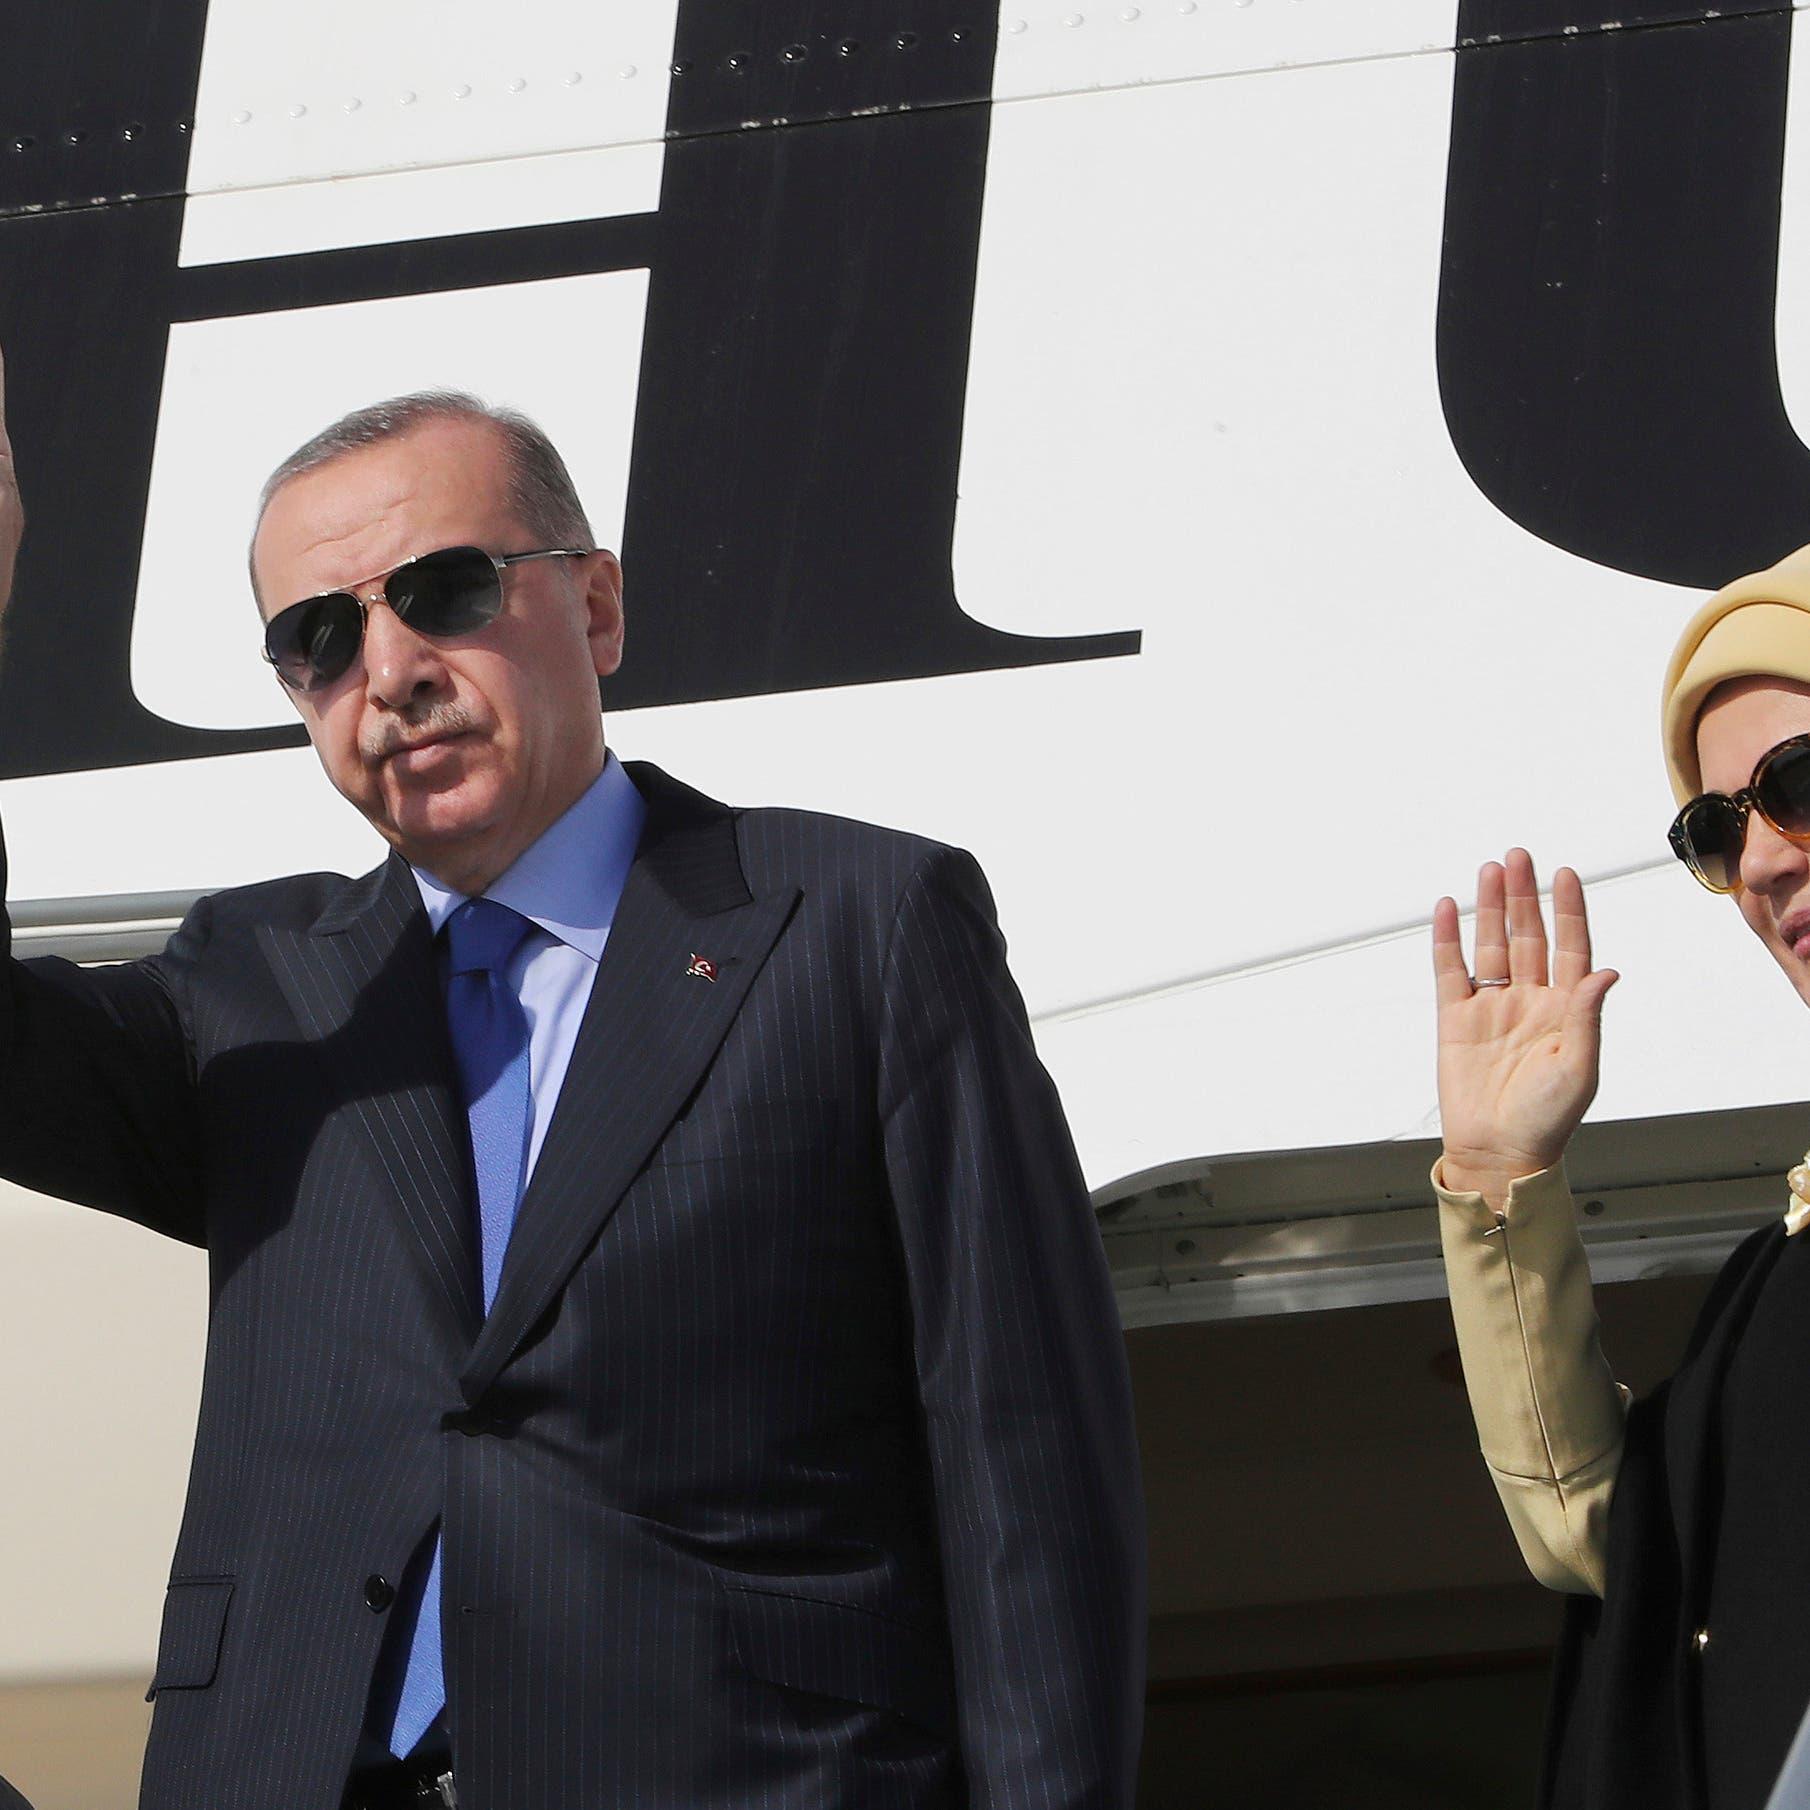 منتقداً ترف عائلته.. زعيم المعارضة يكشف ازدواجية أردوغان